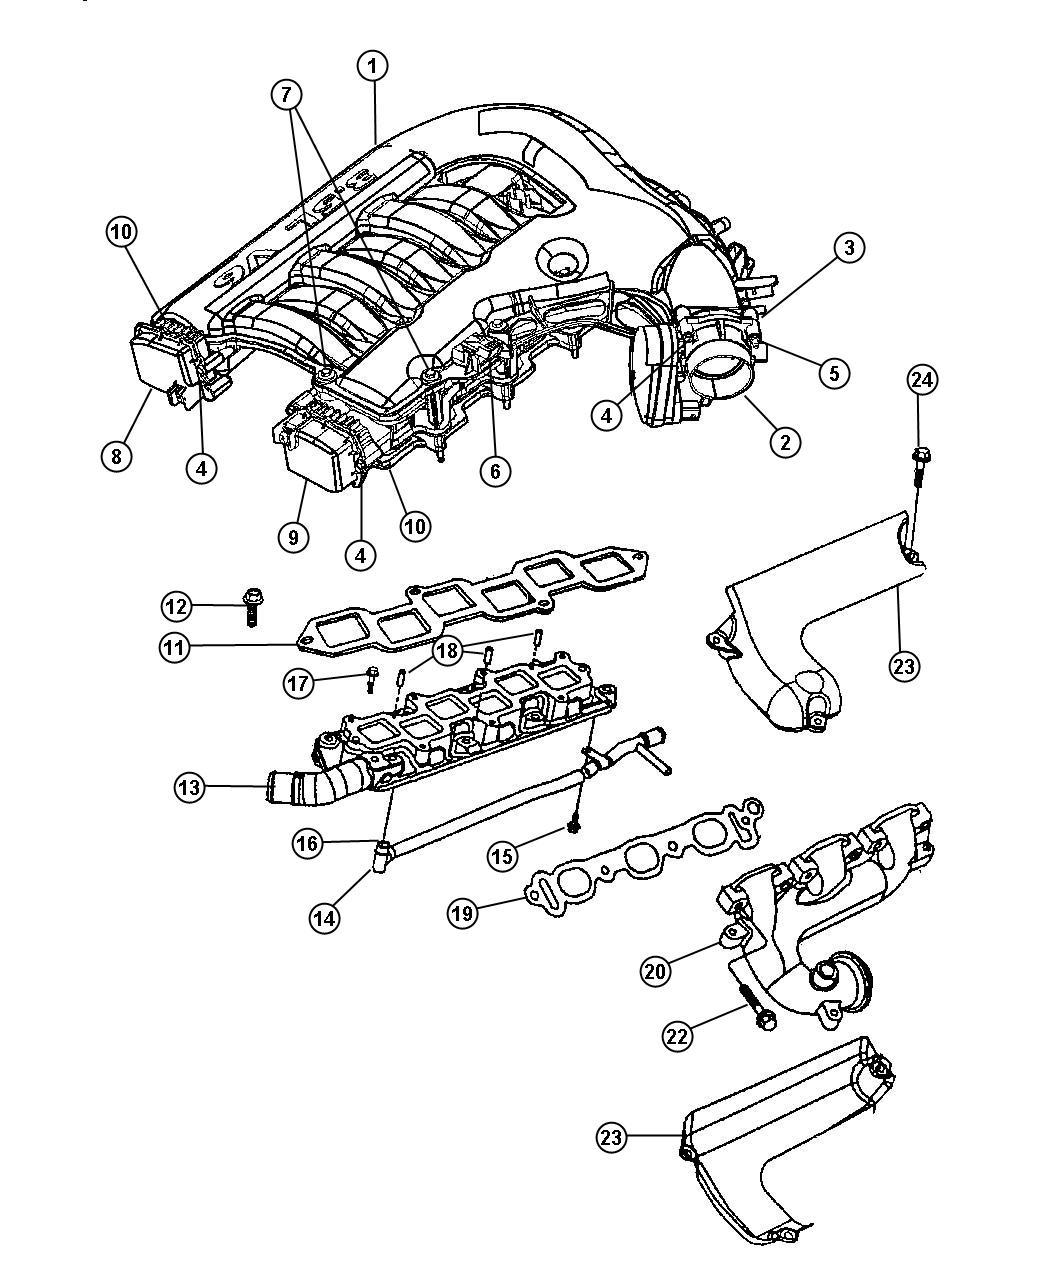 Chrysler 3 5l Intake Diagram